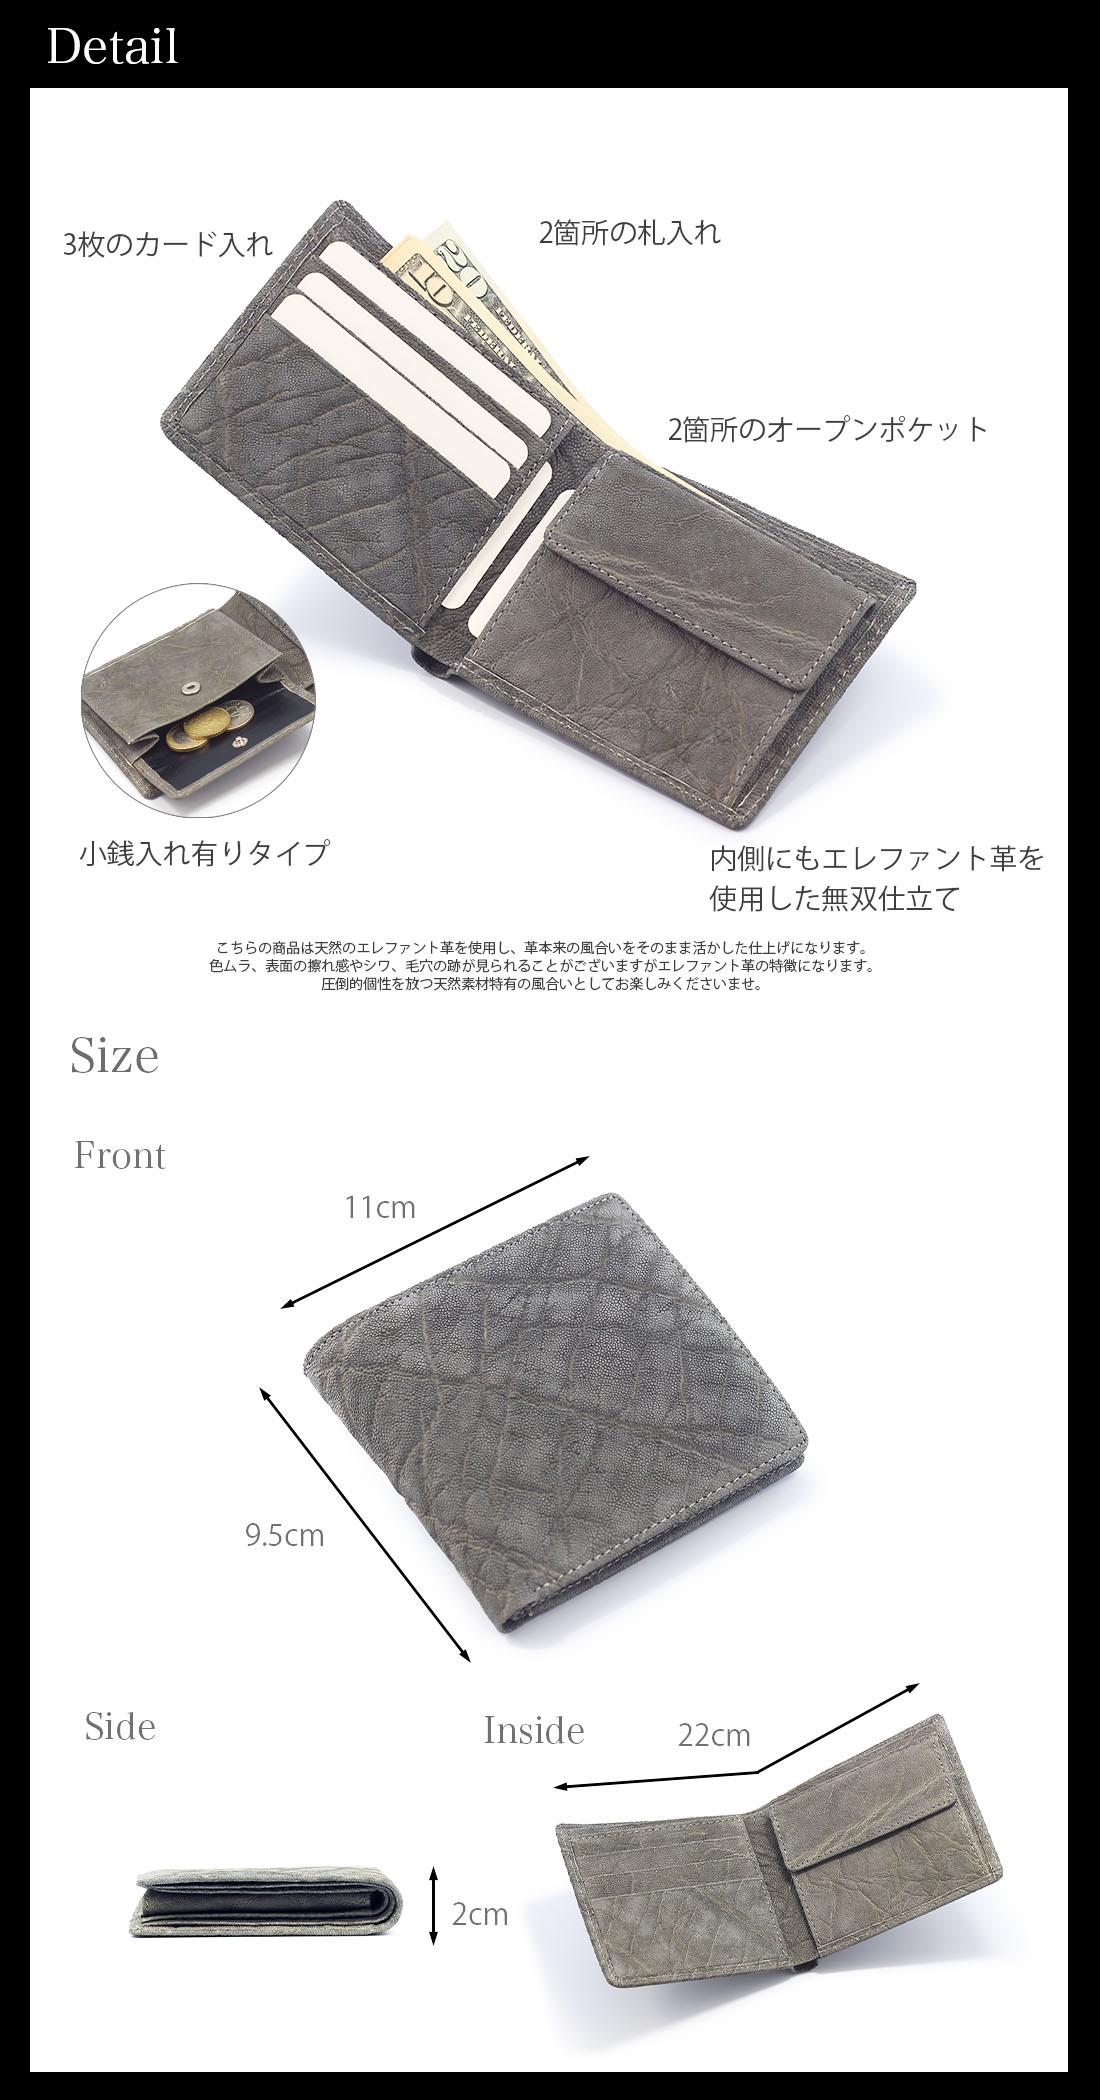 エレファント 象革 財布 折財布 メンズ プレゼント ブランド